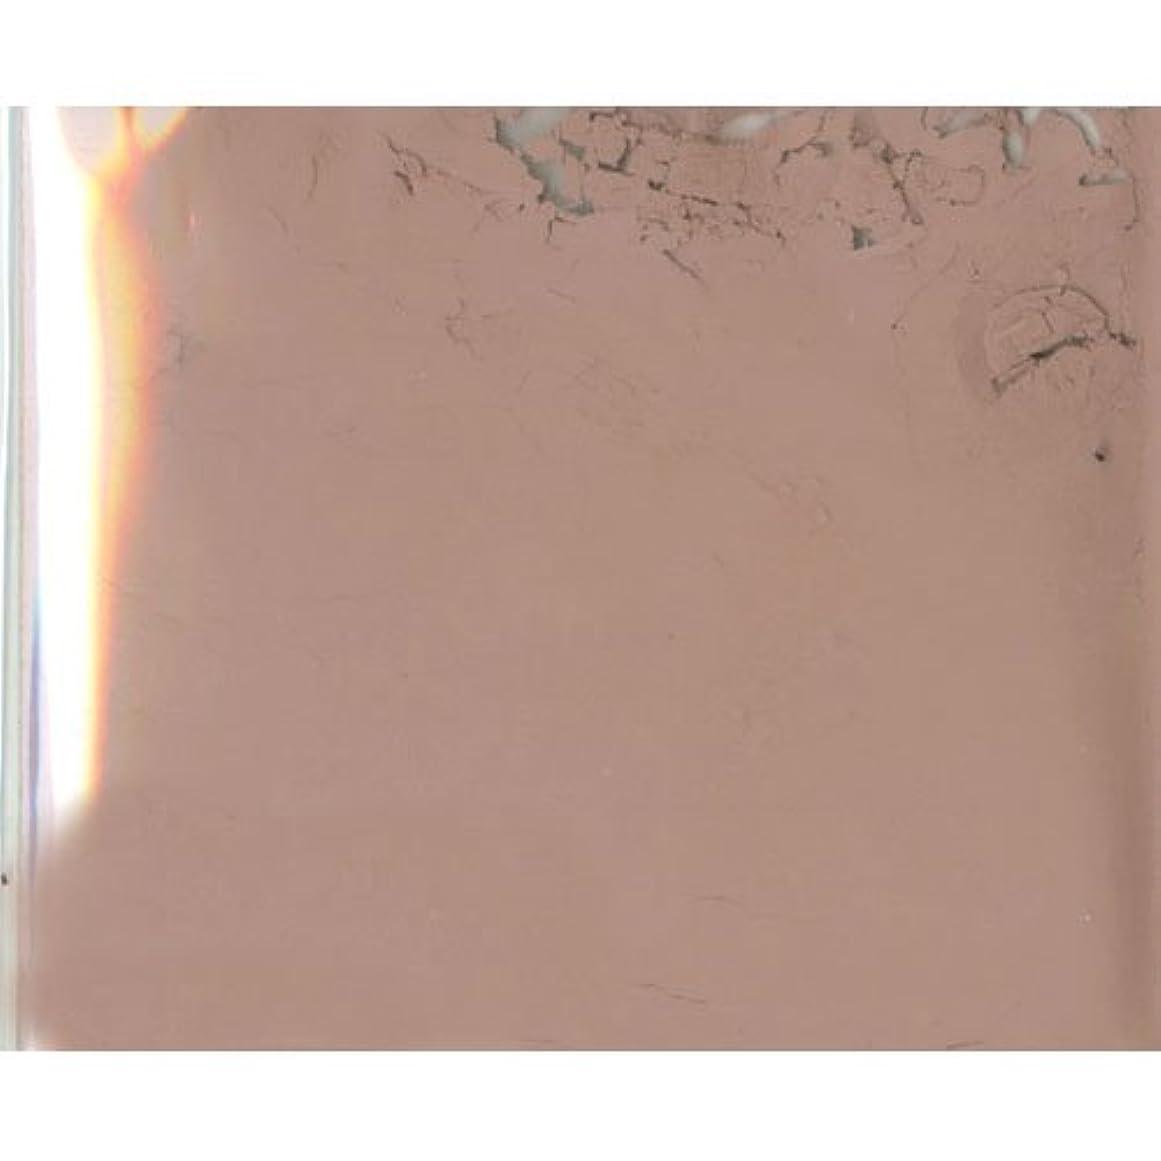 寄稿者浸透するハッピーピカエース ネイル用パウダー ピカエース カラーパウダー 透明顔料 #985 チョコレートブラウン 2g アート材